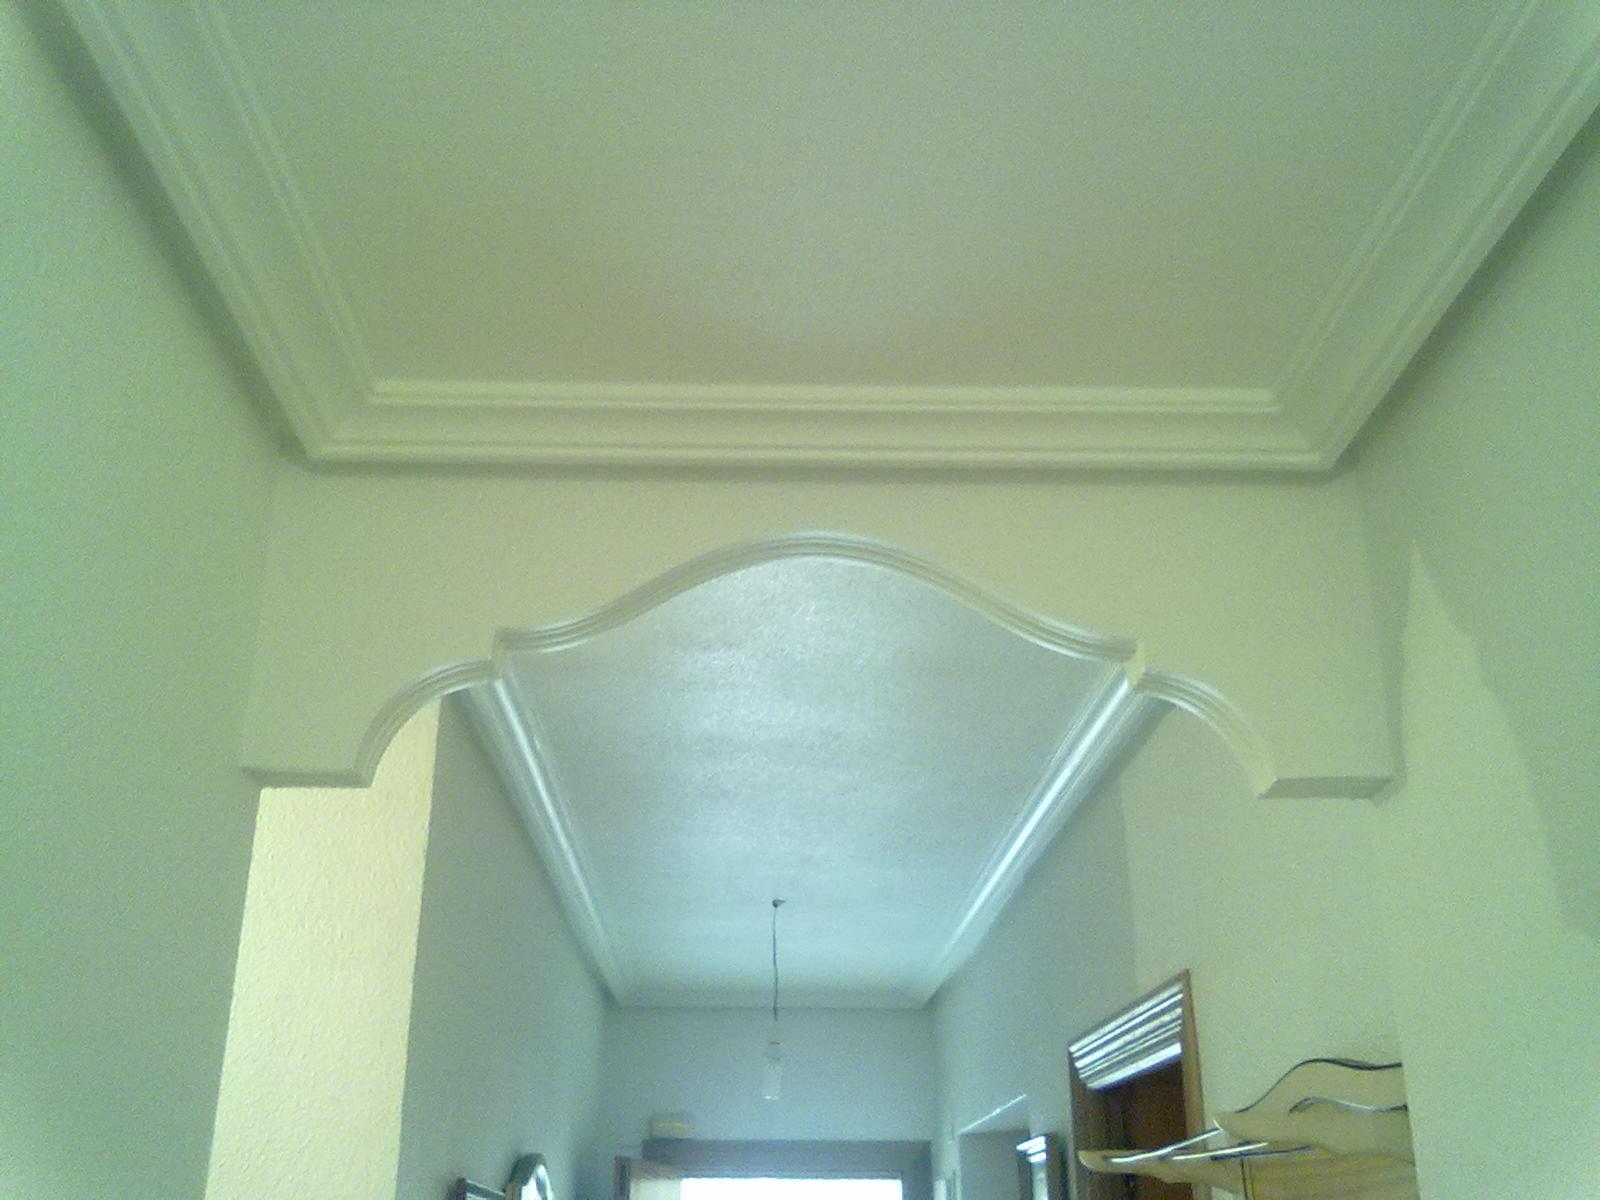 Pladur en alicante elche santa pola torrevieja - Precio moldura escayola techo ...